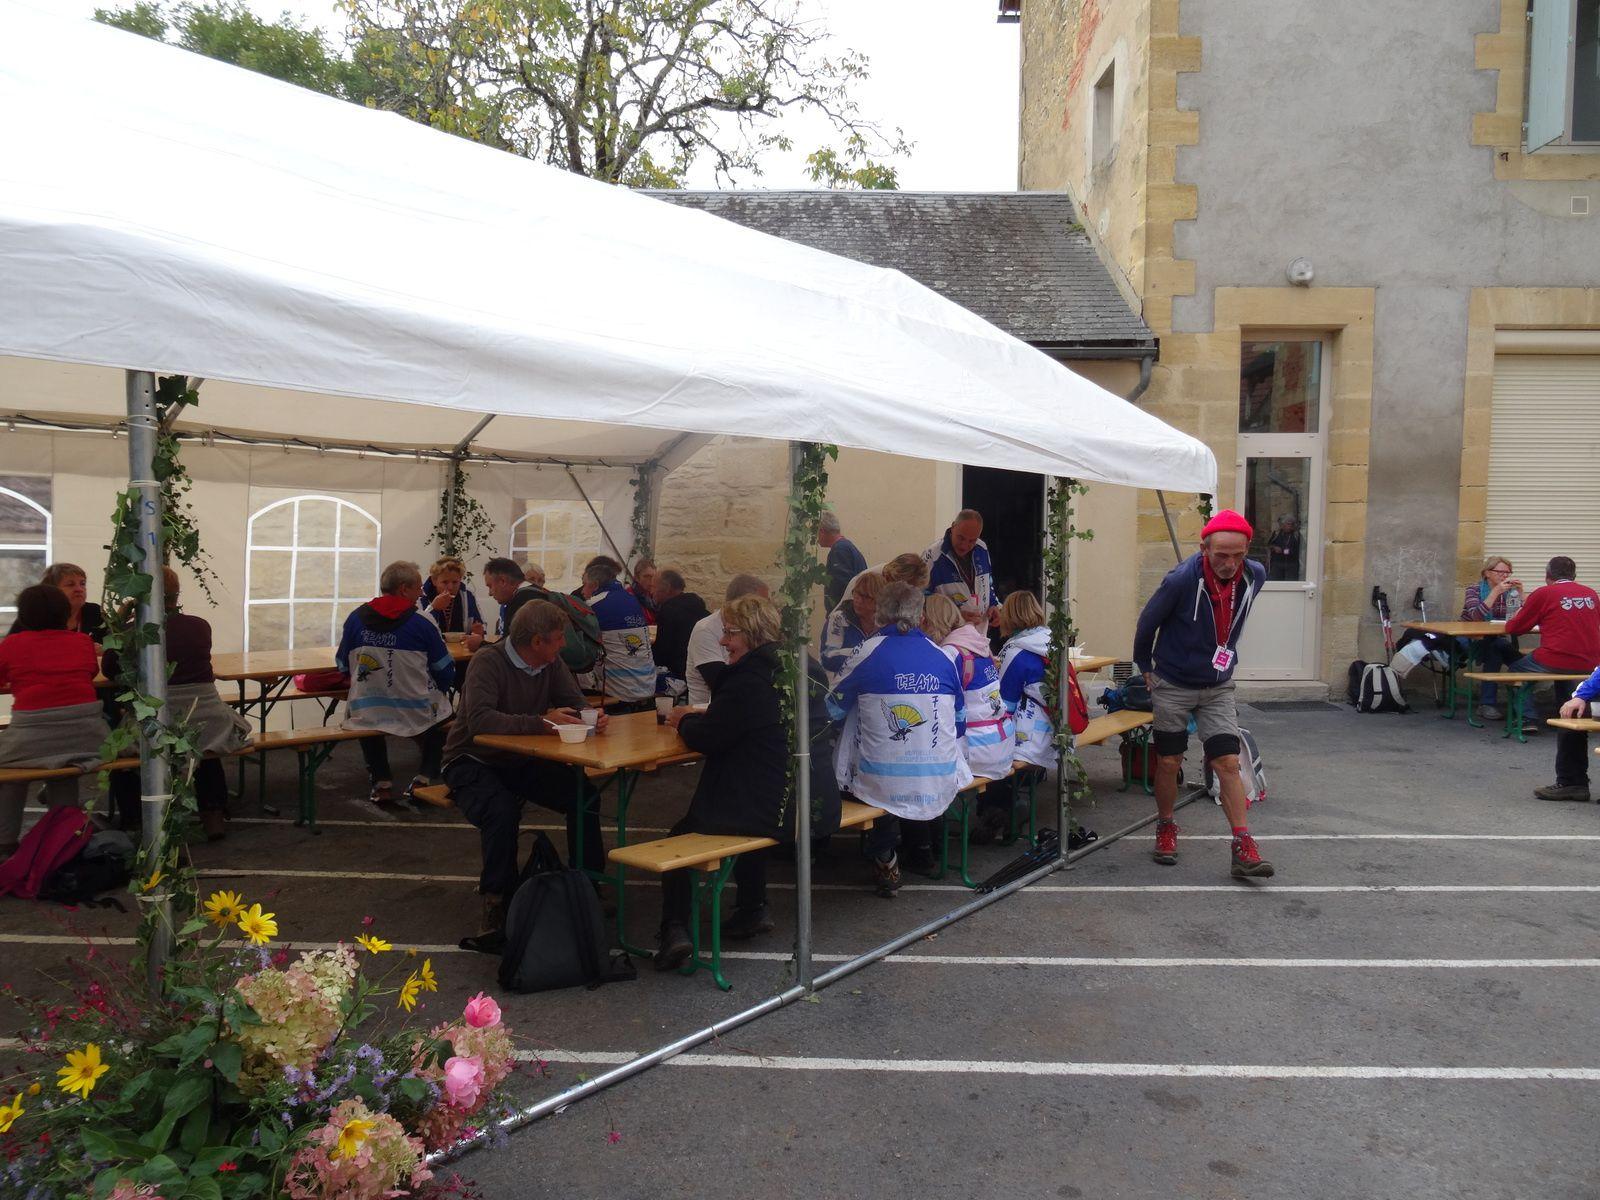 5ème étape de Carlux à Calviac en Périgord, puis 6ème étape avec le repas à Simeyrols